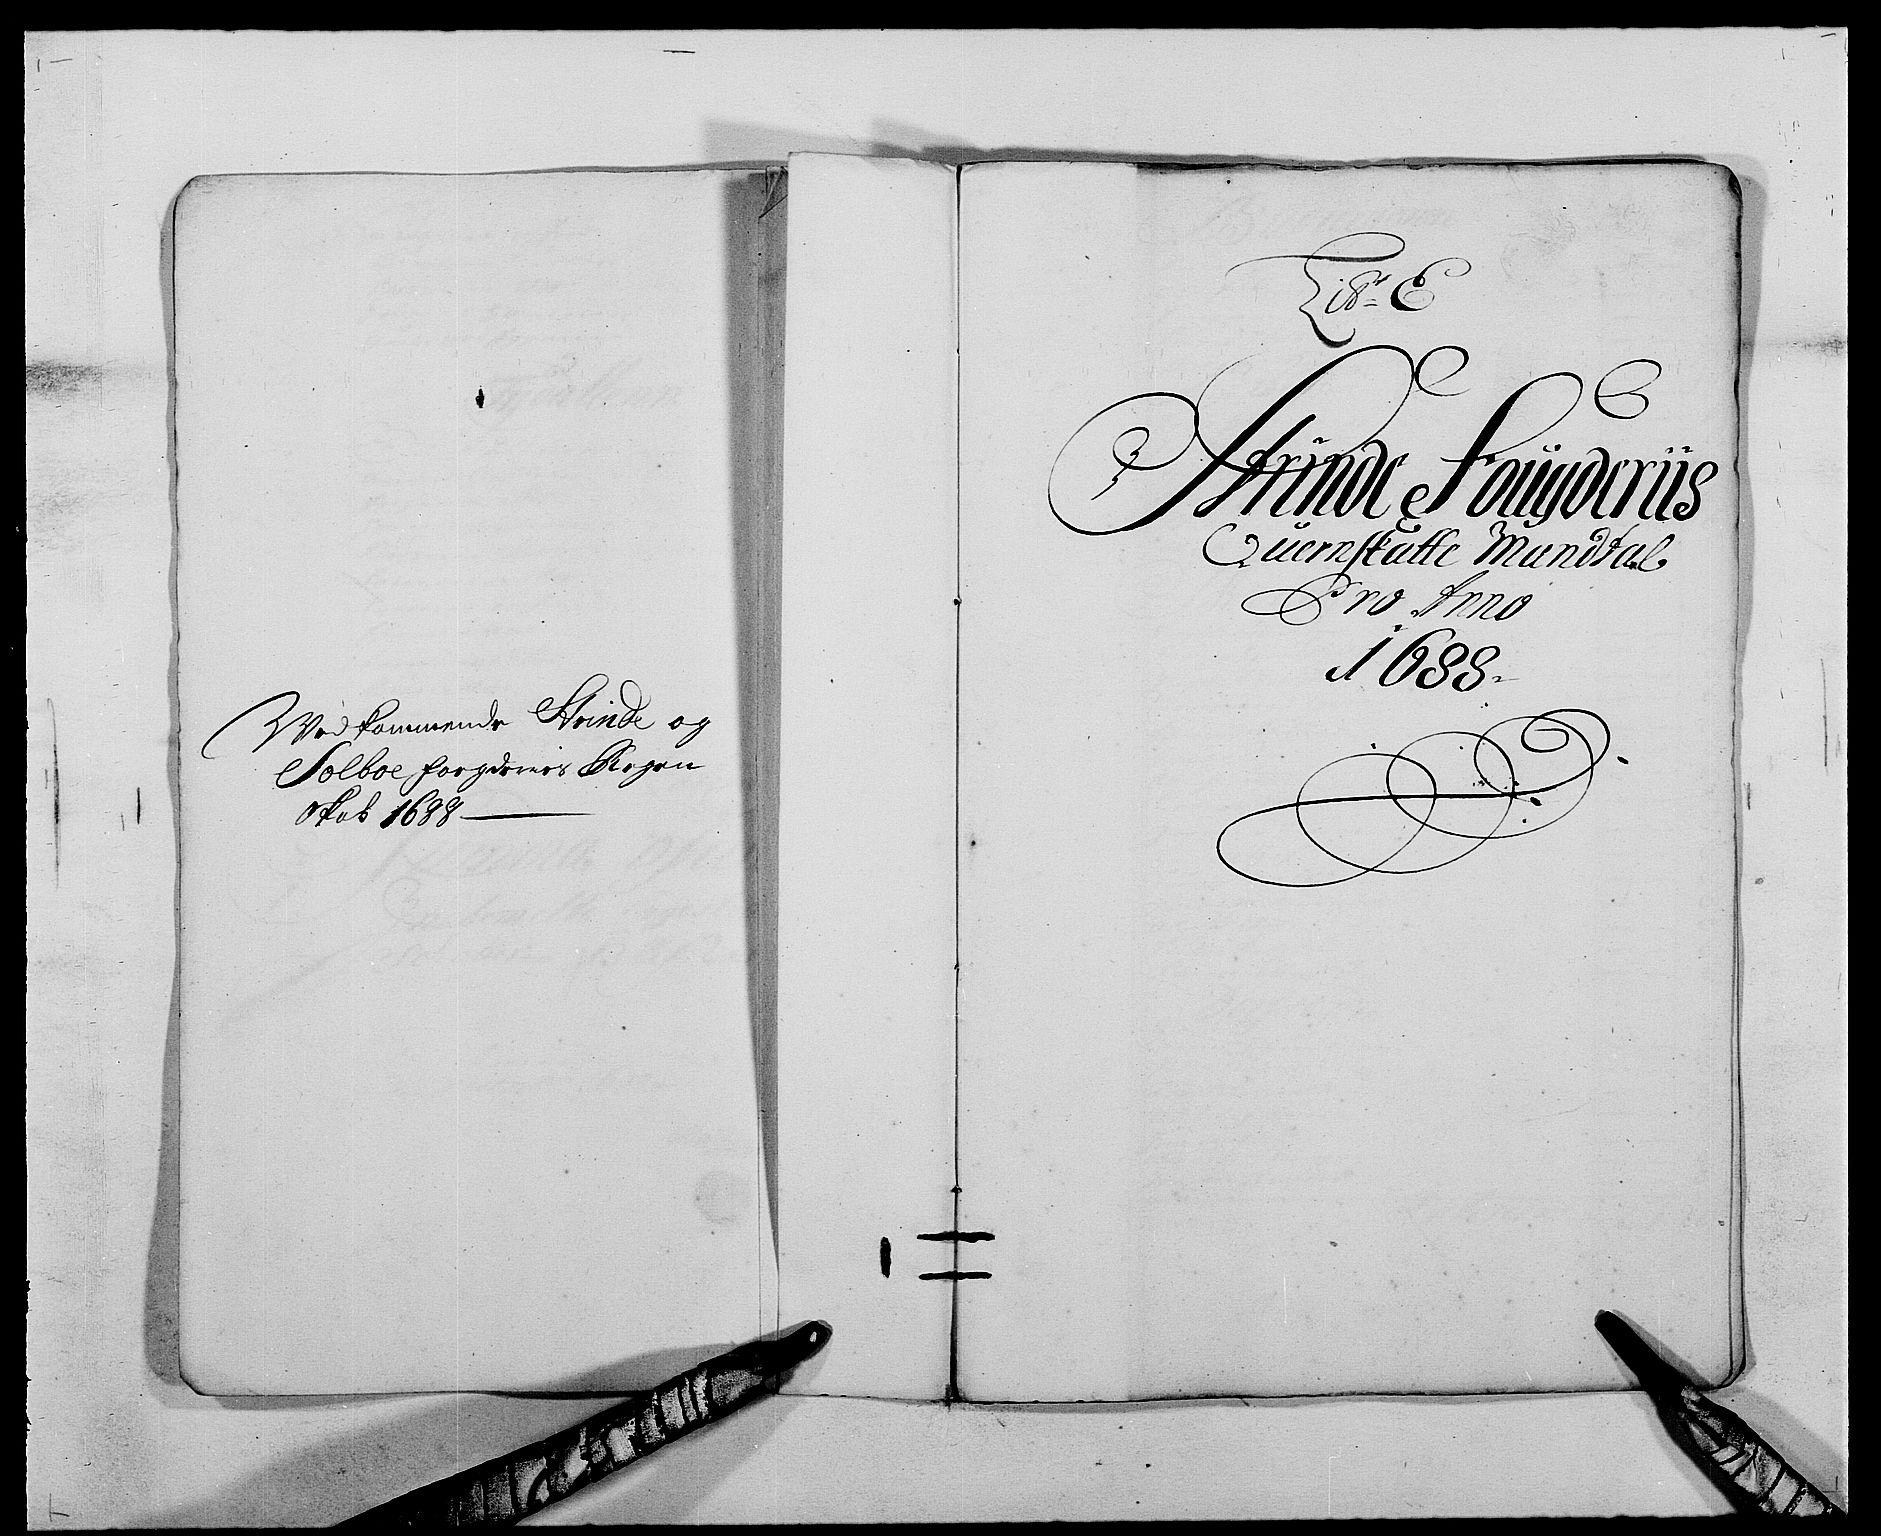 RA, Rentekammeret inntil 1814, Reviderte regnskaper, Fogderegnskap, R61/L4101: Fogderegnskap Strinda og Selbu, 1687-1688, s. 181